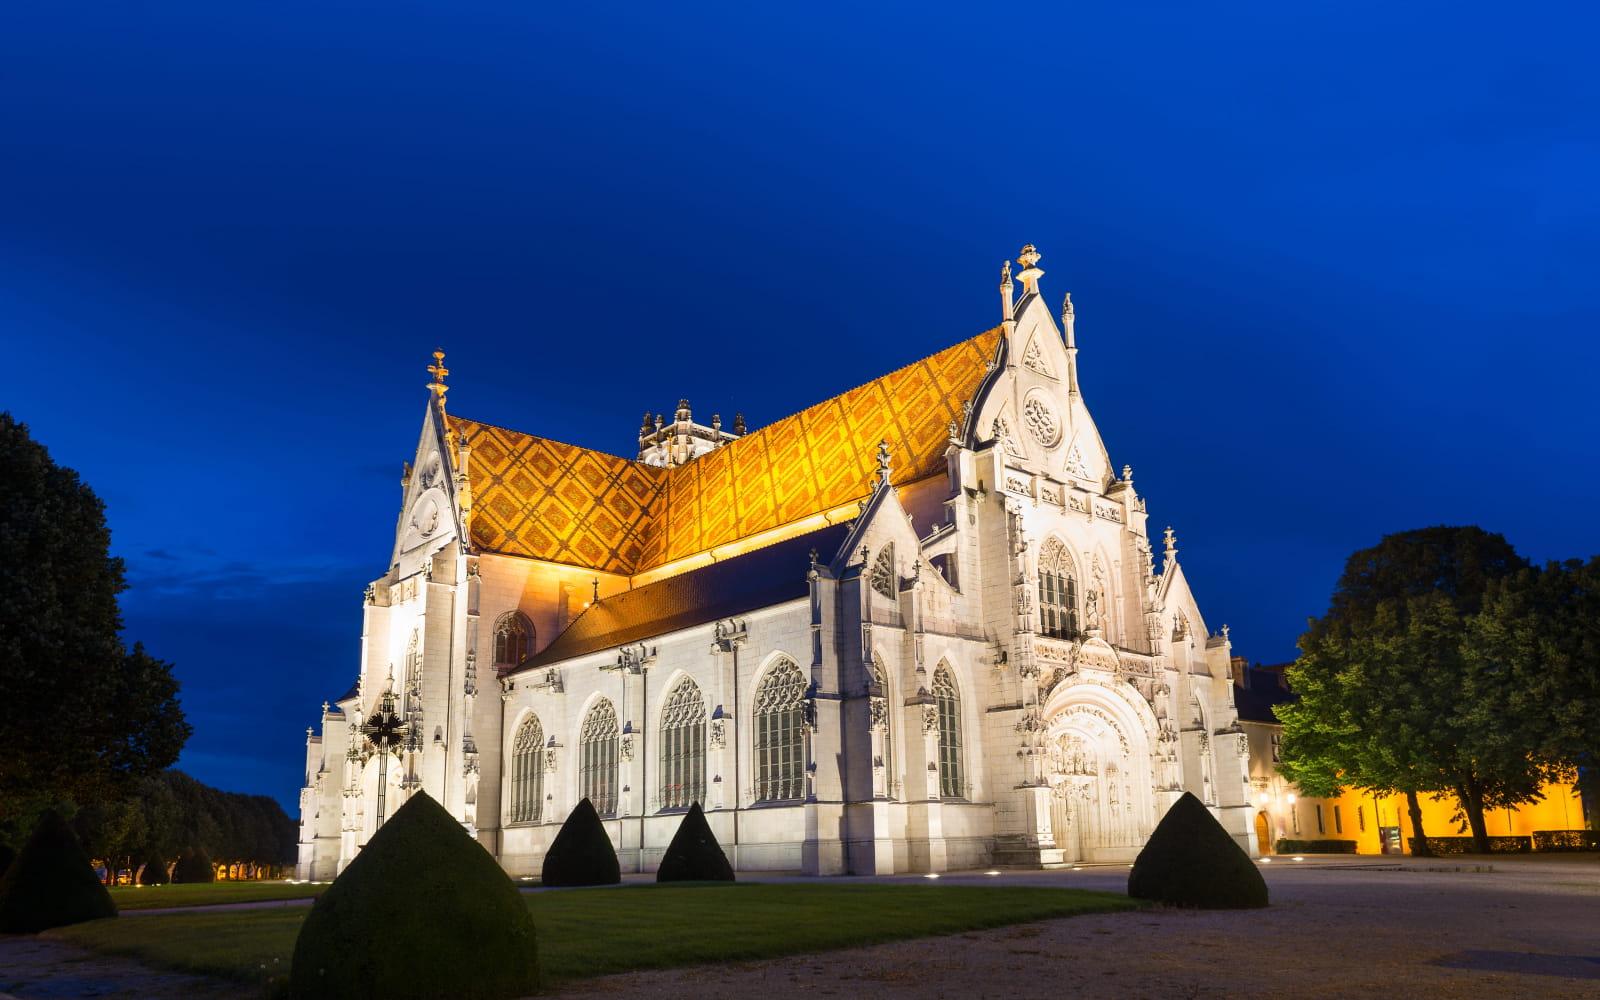 Le monastère de Brou à Bourg-en-Bresse